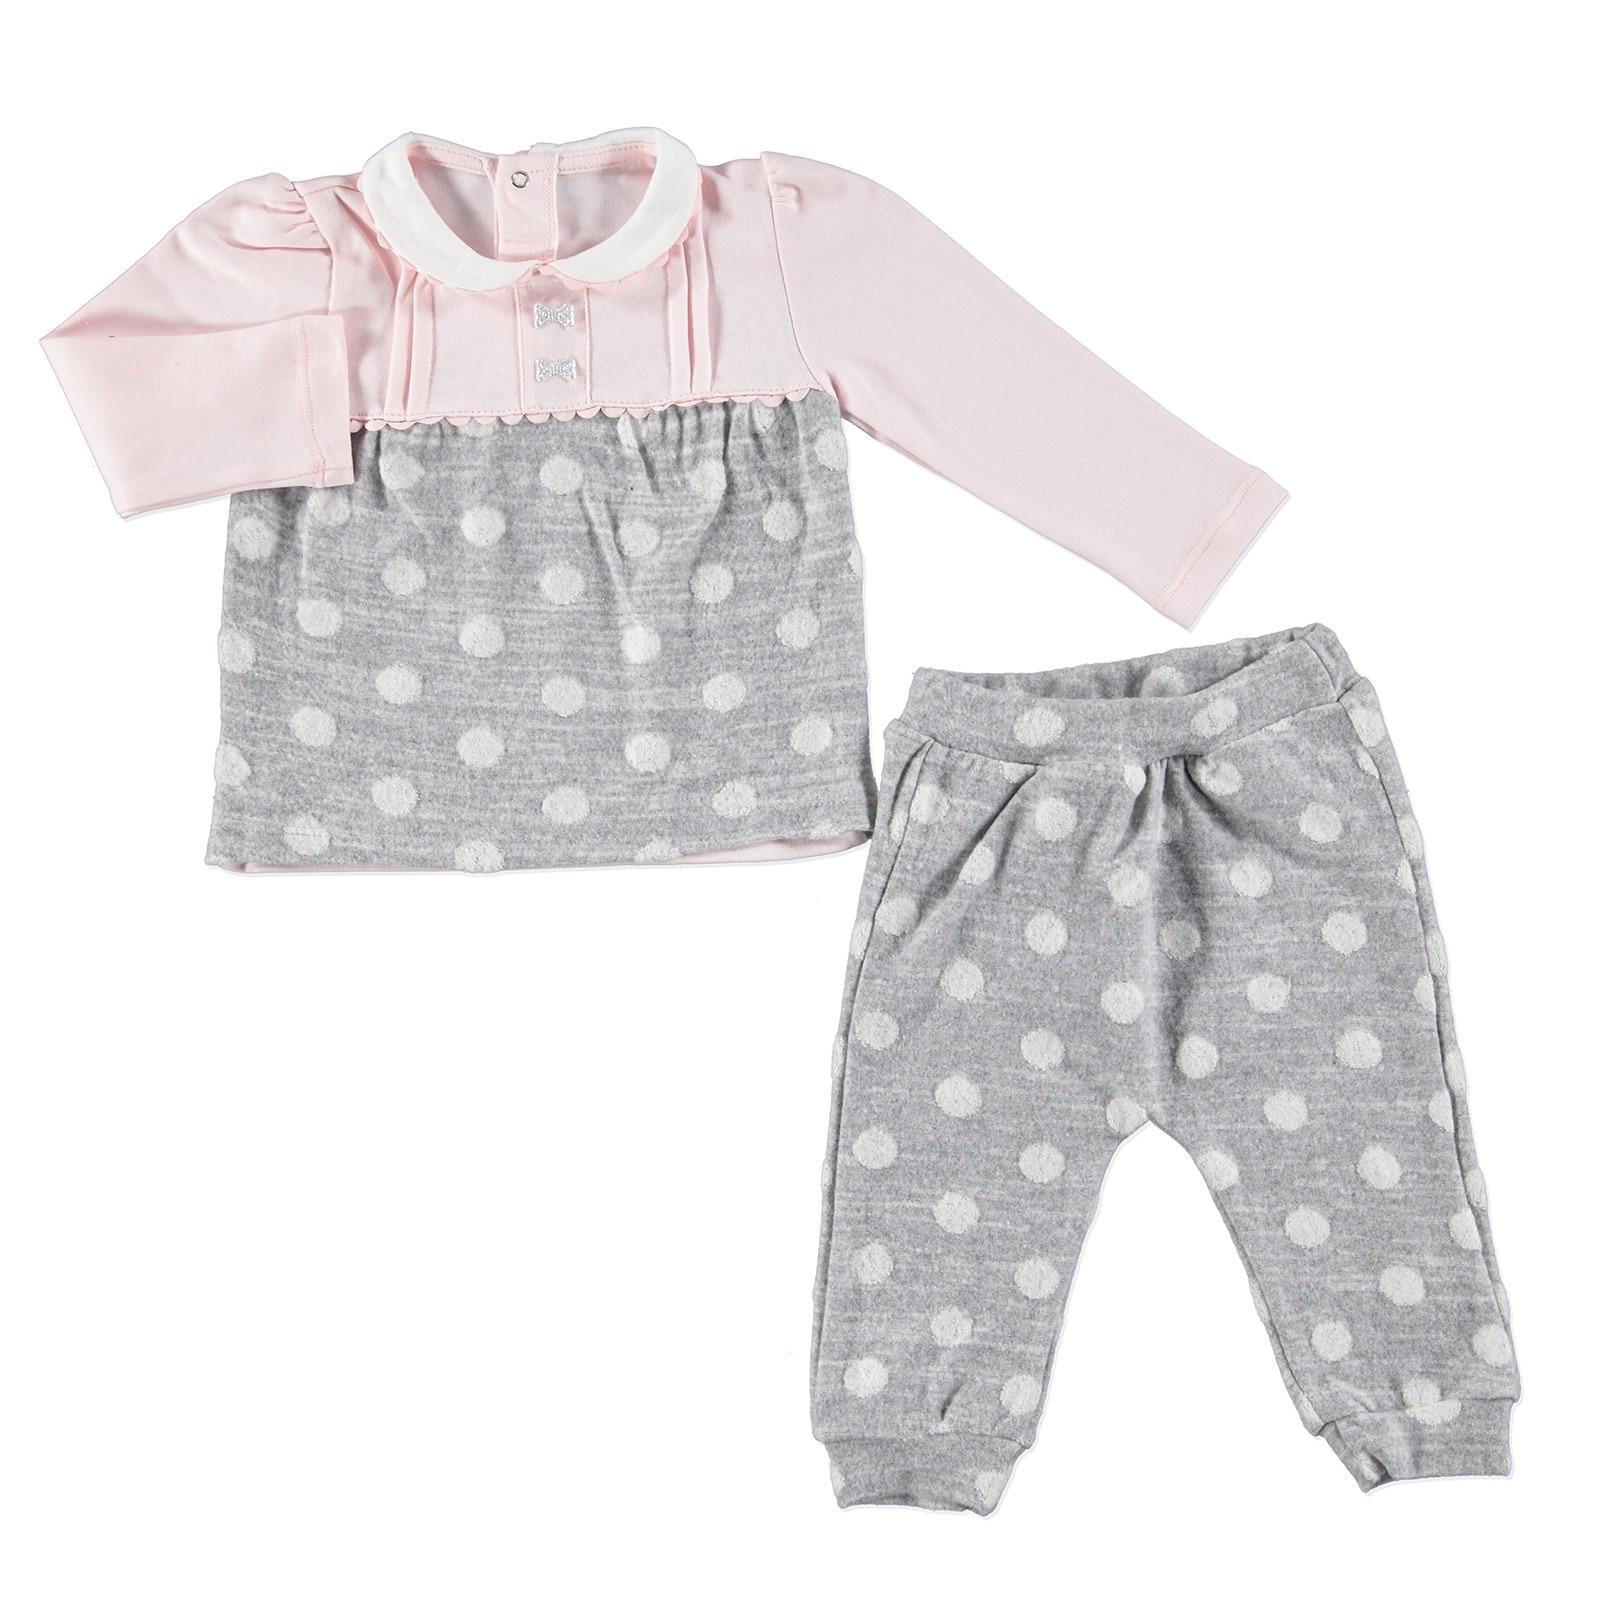 Ebebek Mymio Baby Jacquared Spotted Peter Pan Collar Interlock Sweatshirt Pants Set 2 Pcs